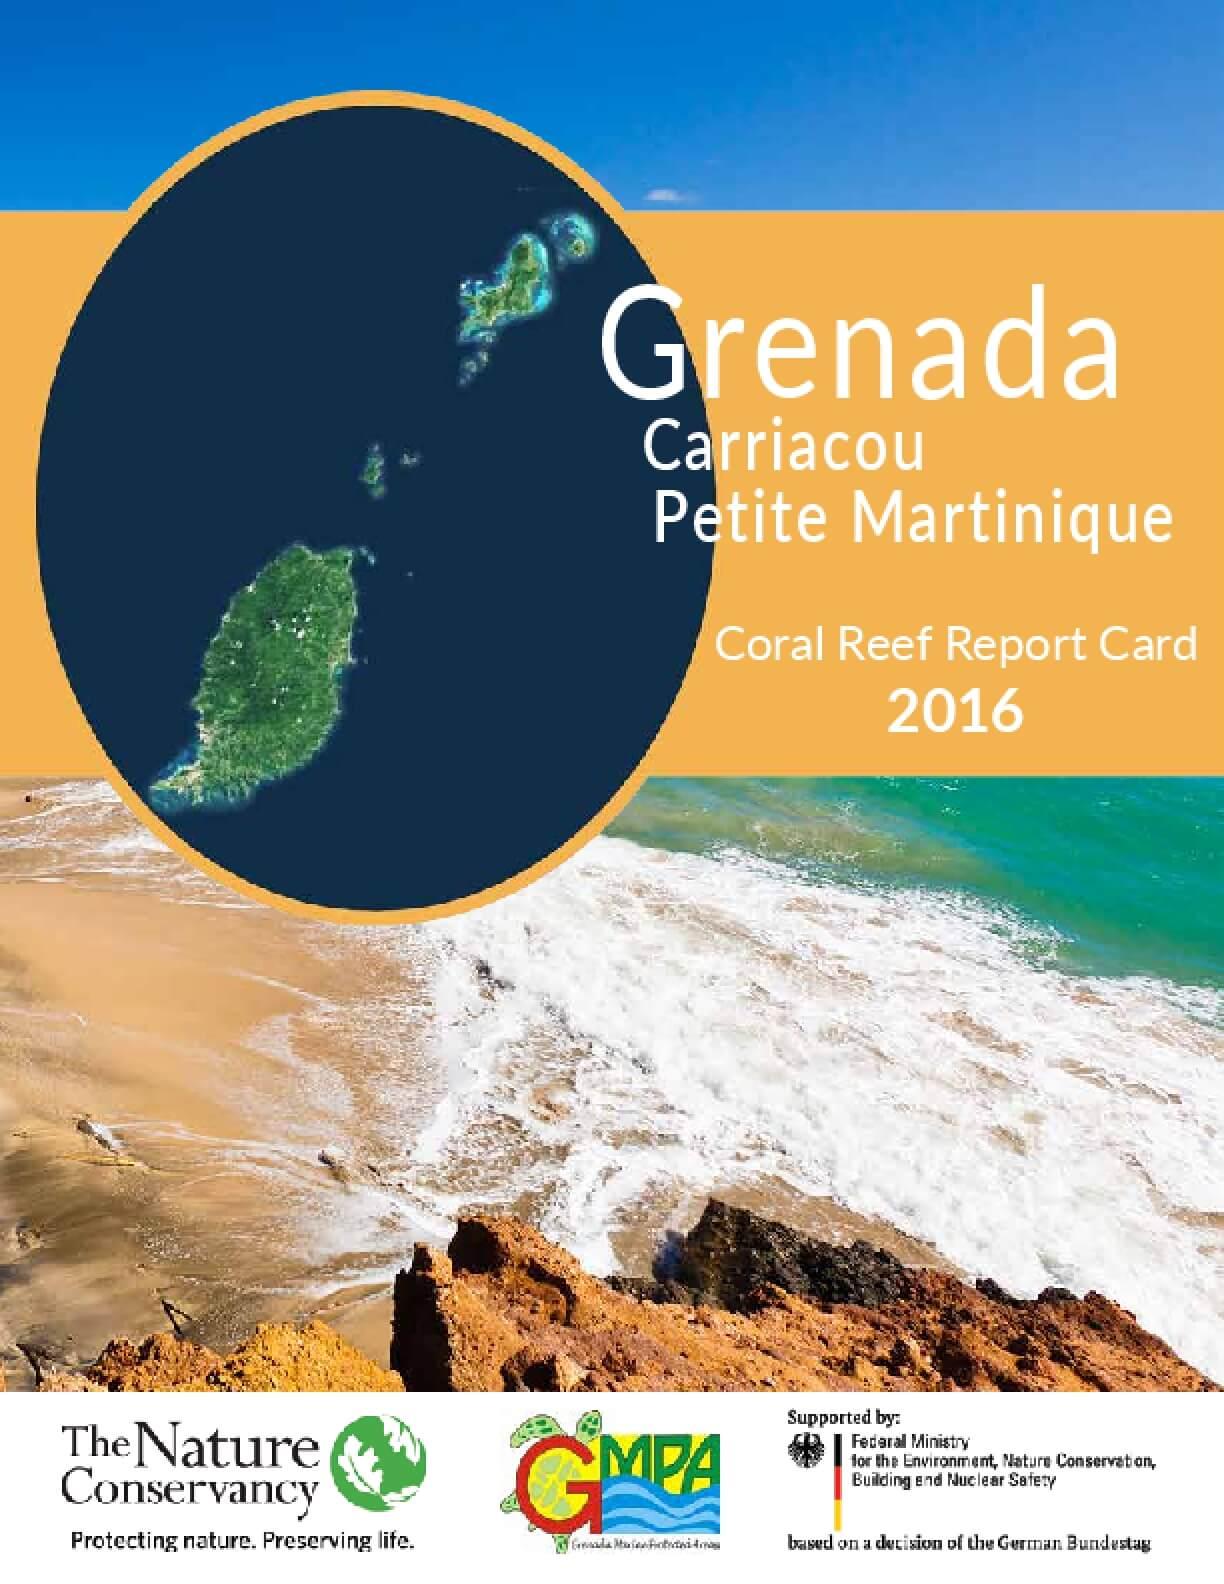 Grenada Carriacou Petite Martinique